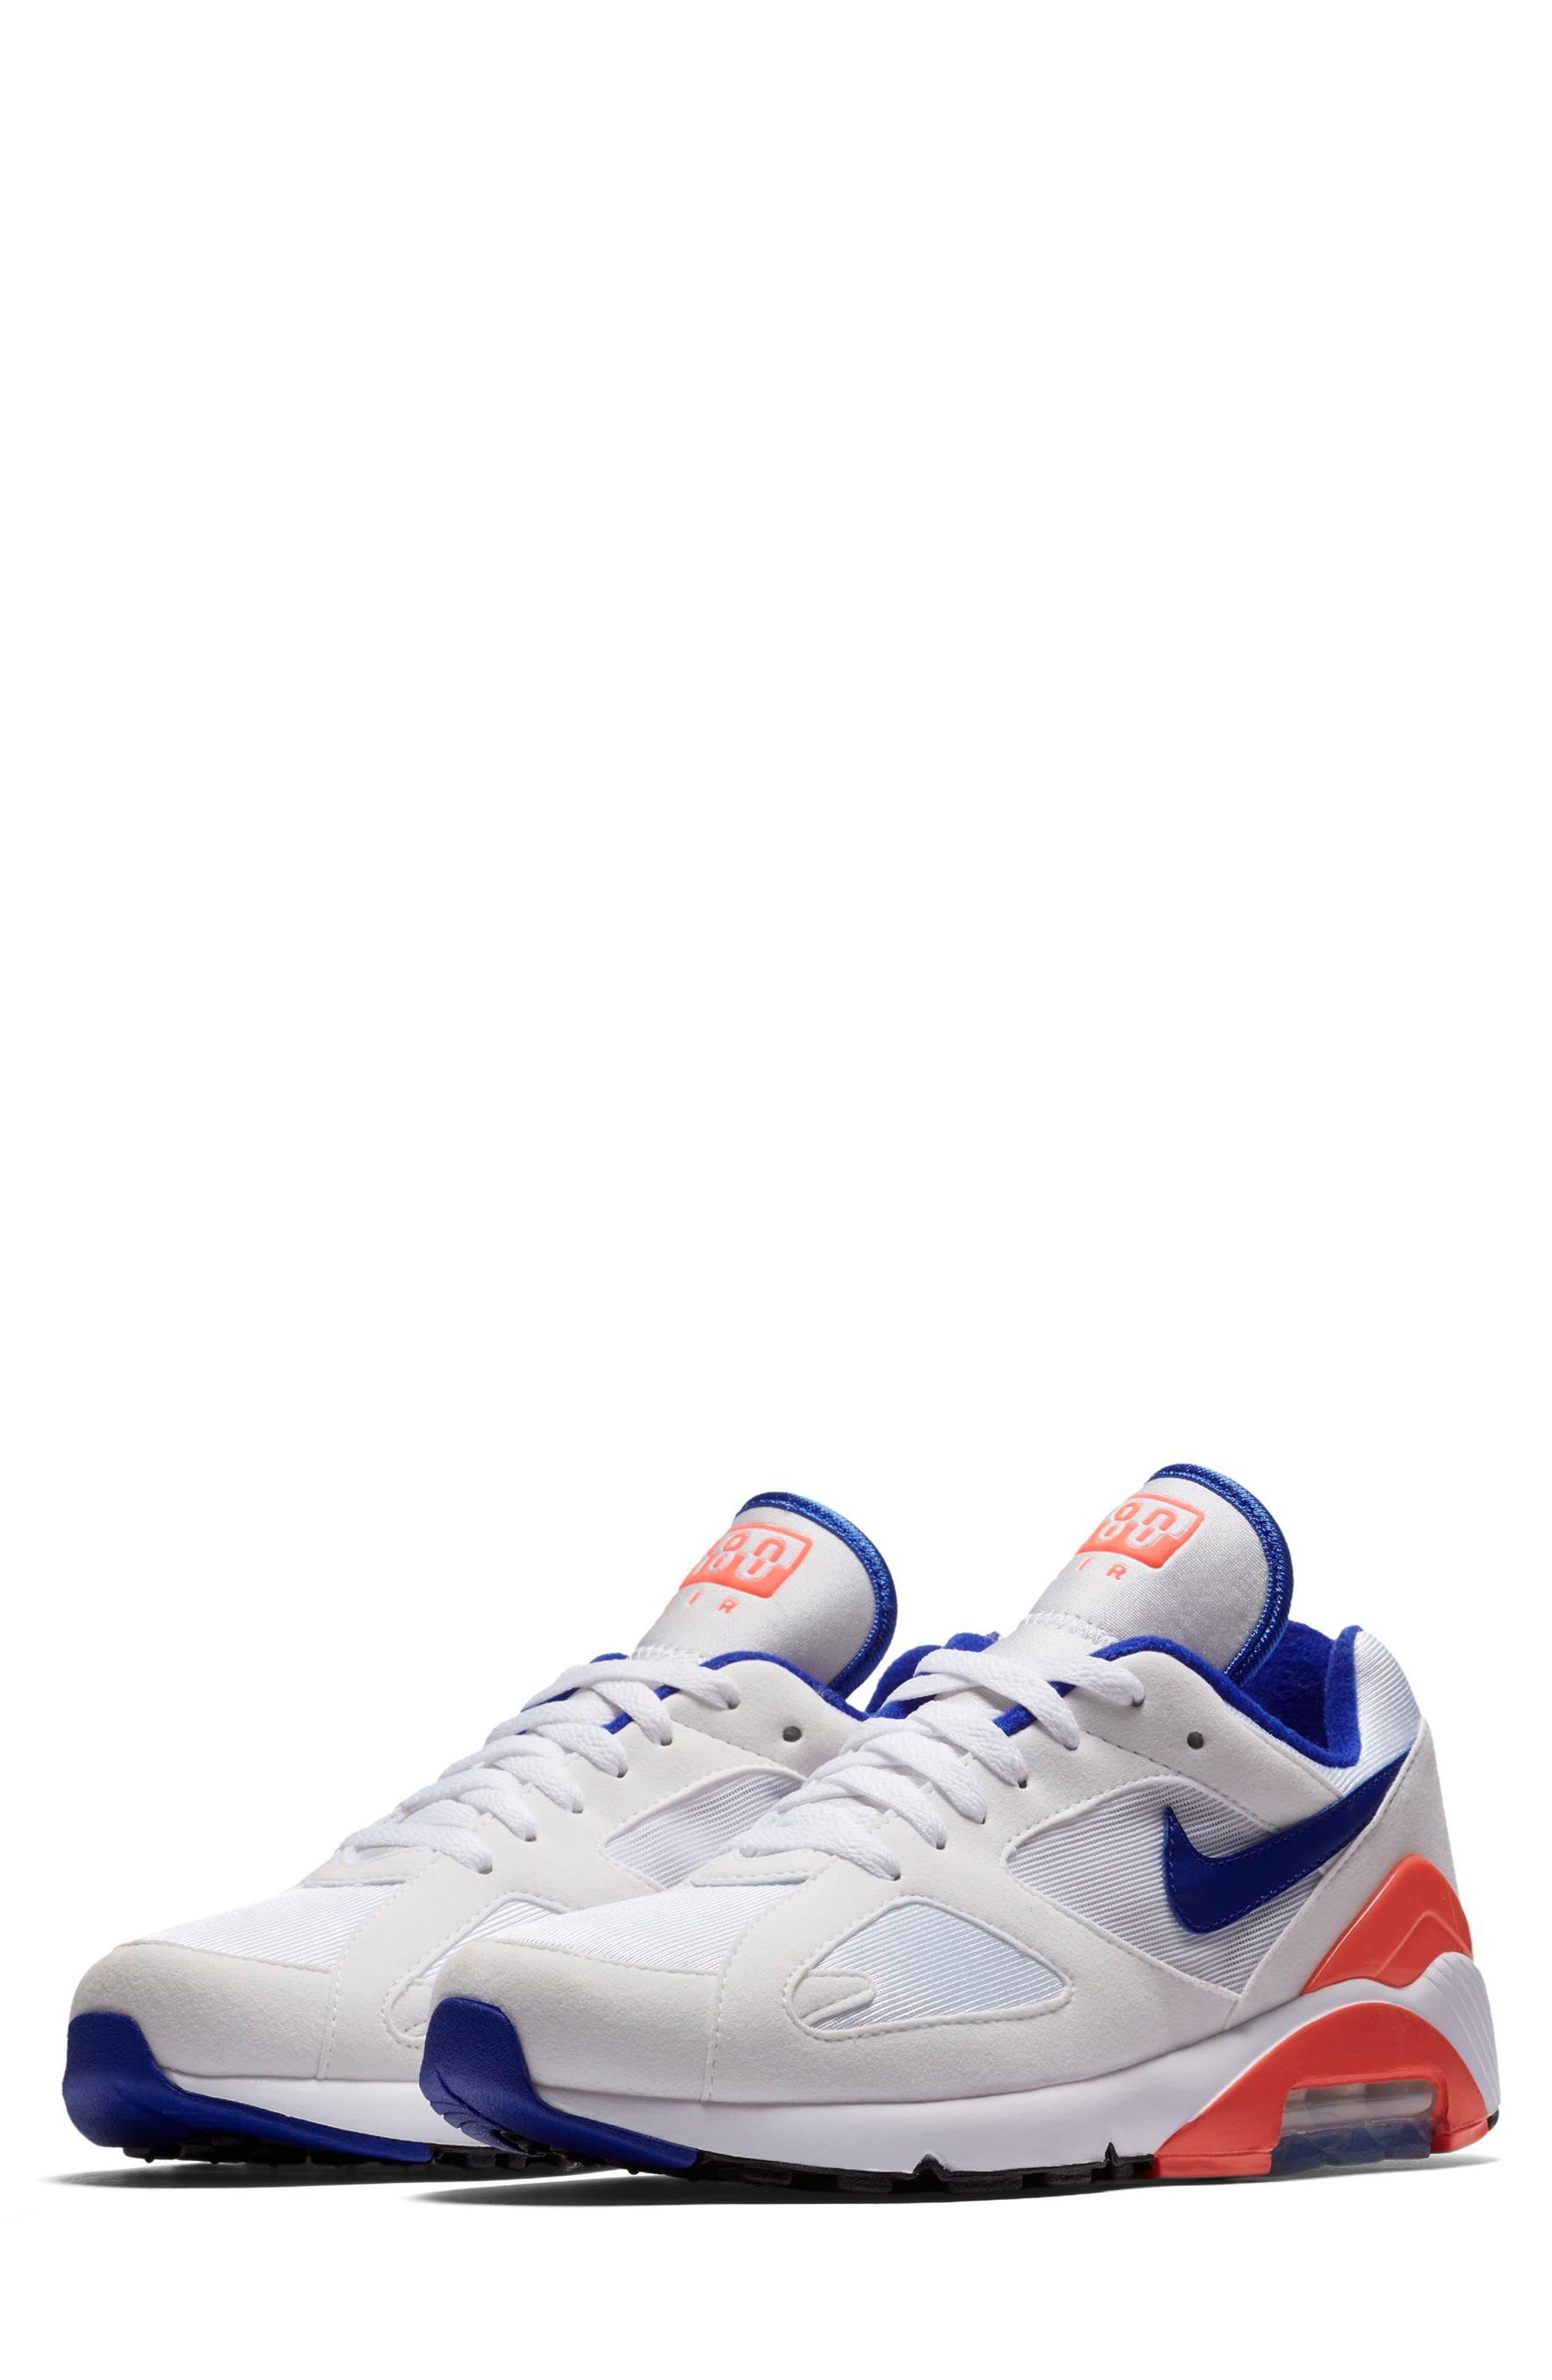 comercializable en venta Nike Air Max Ltd Ii Plus Braun Afeitadora precio barato profesional cuánto precio barato colecciones baratas comprar barato SAST mCnqhL